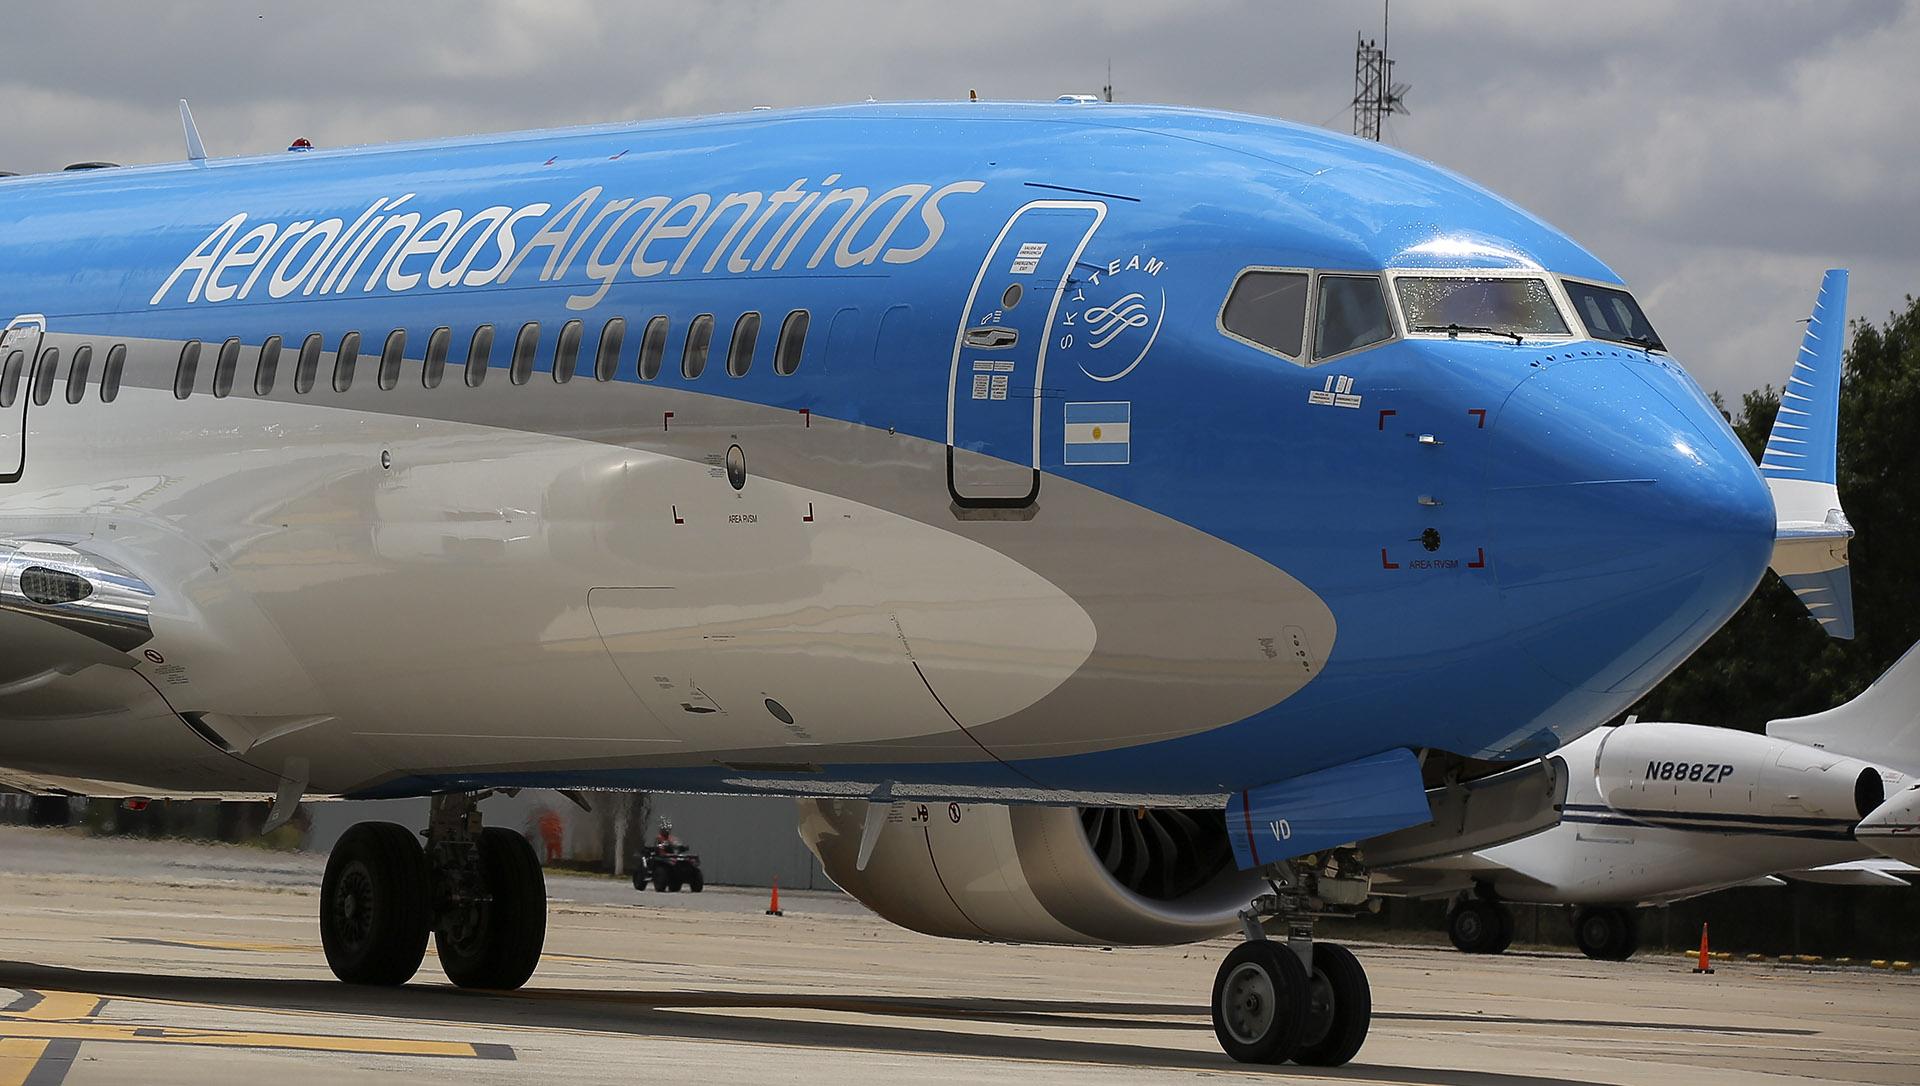 curriculum vitae para aerolineas argentinas